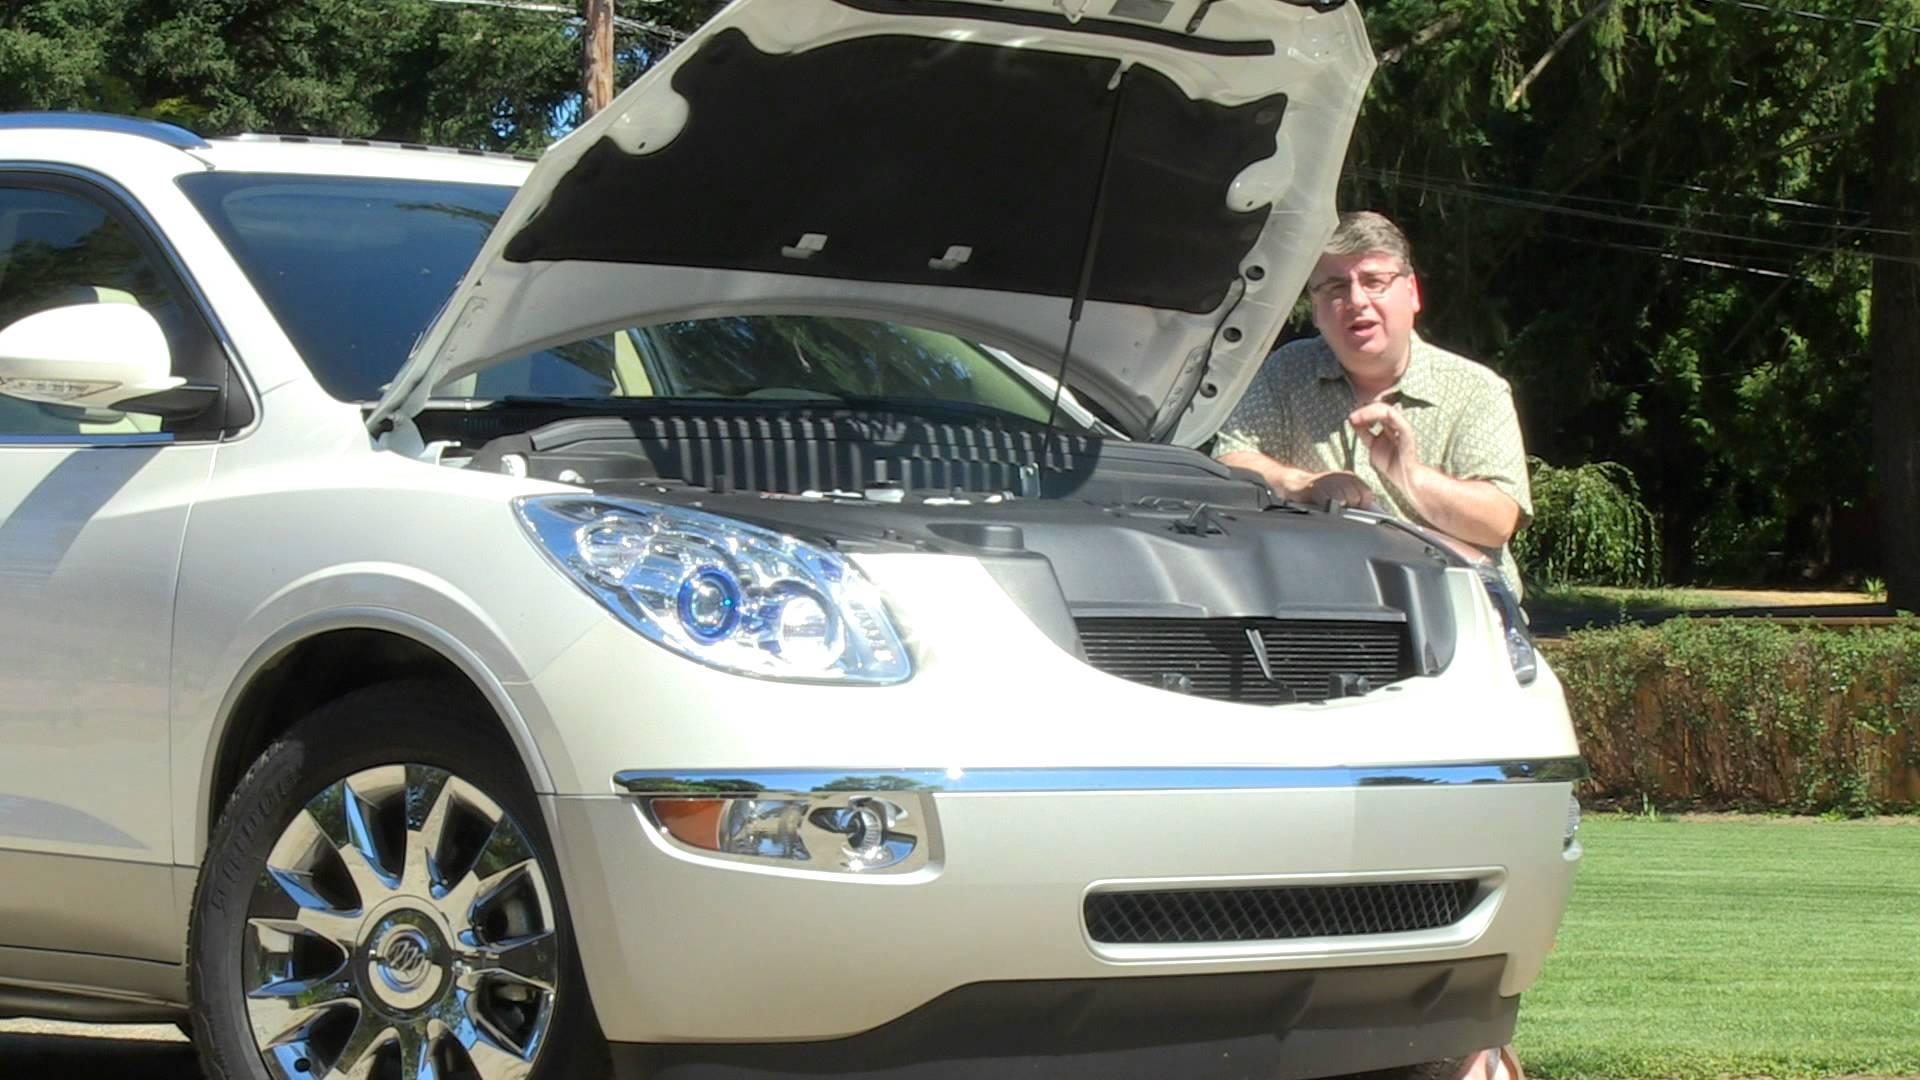 2012 Buick Enclavenbsp